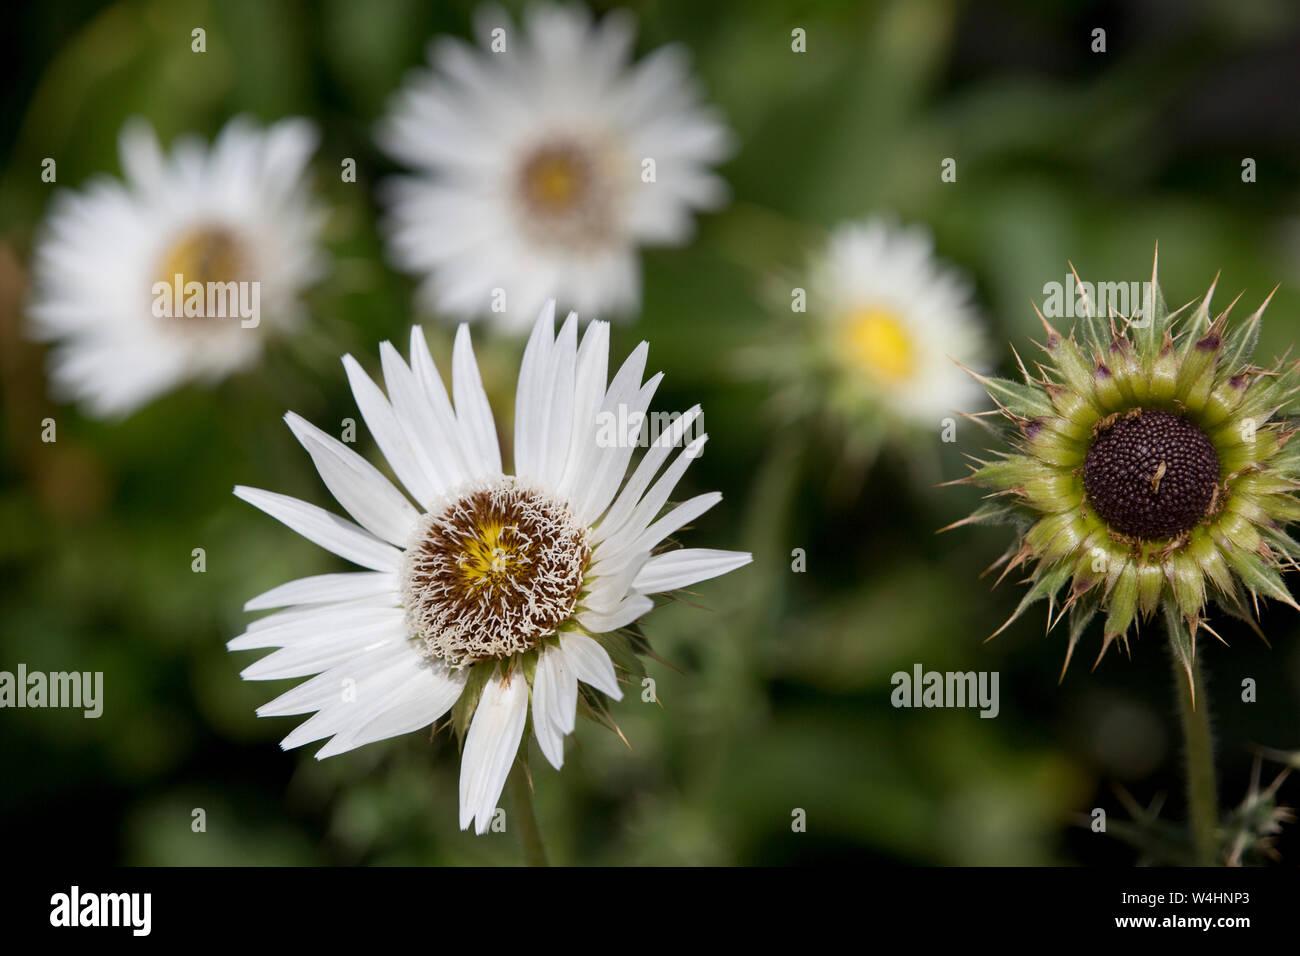 Südafrikanische Prachtdistel (Berkheya cirsiifolia) im Botanischen Garten Stock Photo